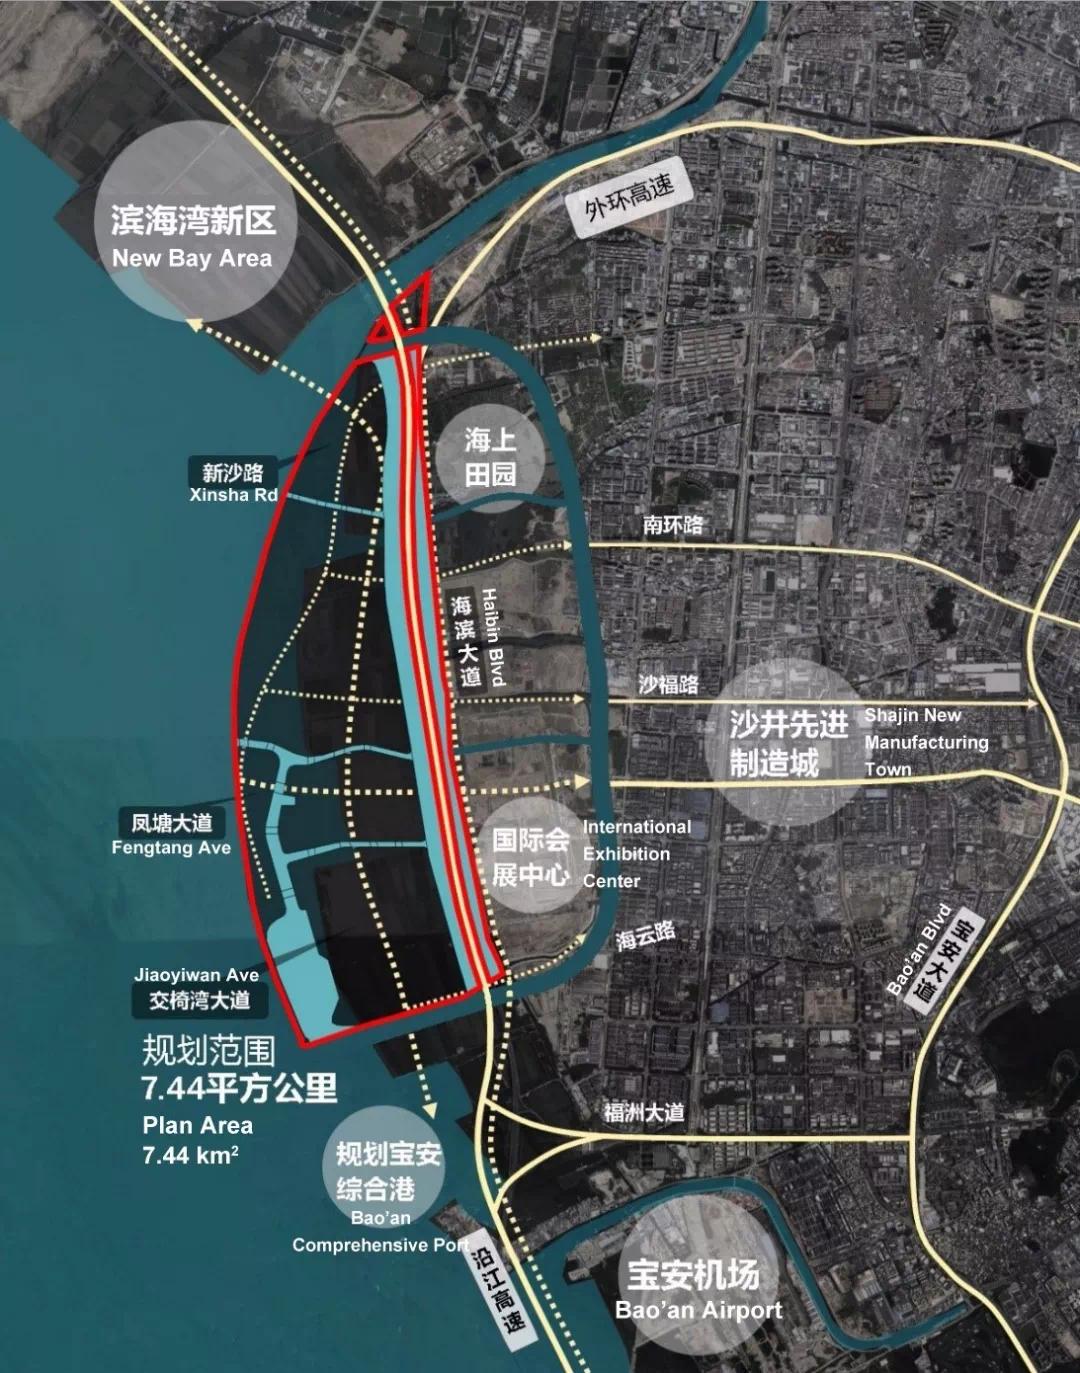 下一个前海!深圳海洋新城详细规划出炉!宝安要腾飞了